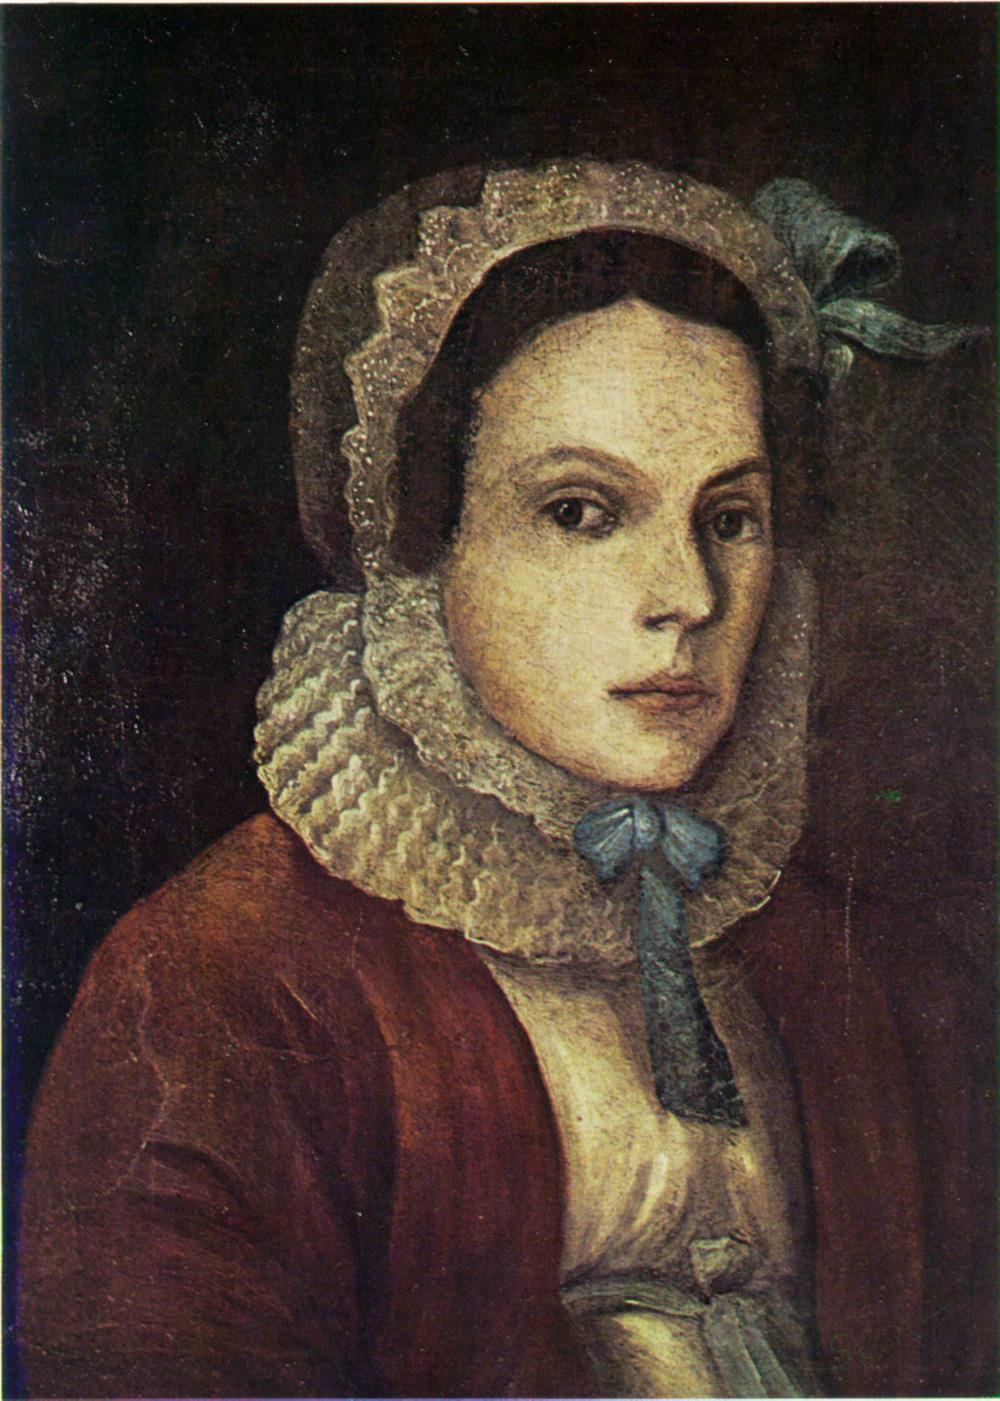 Мария Дмитриевна Менделеева (урождённая Корнильева), мать Д. И. Менделеева.